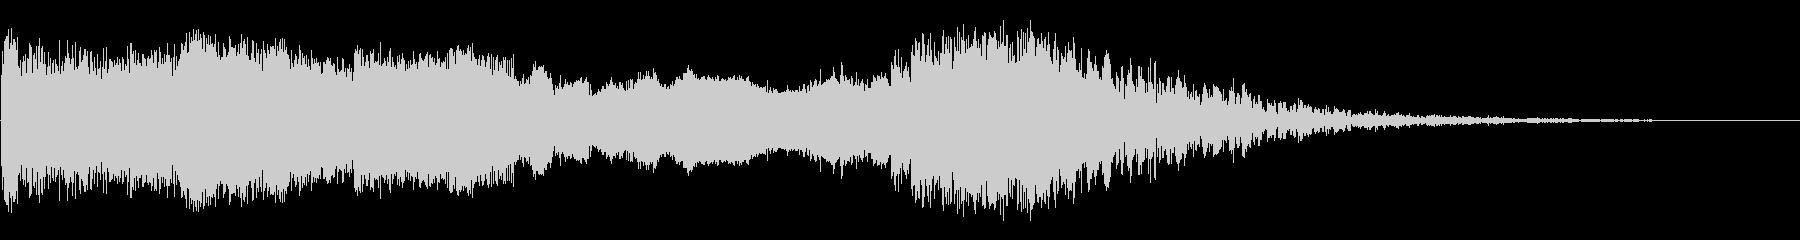 キラーウェイルの未再生の波形